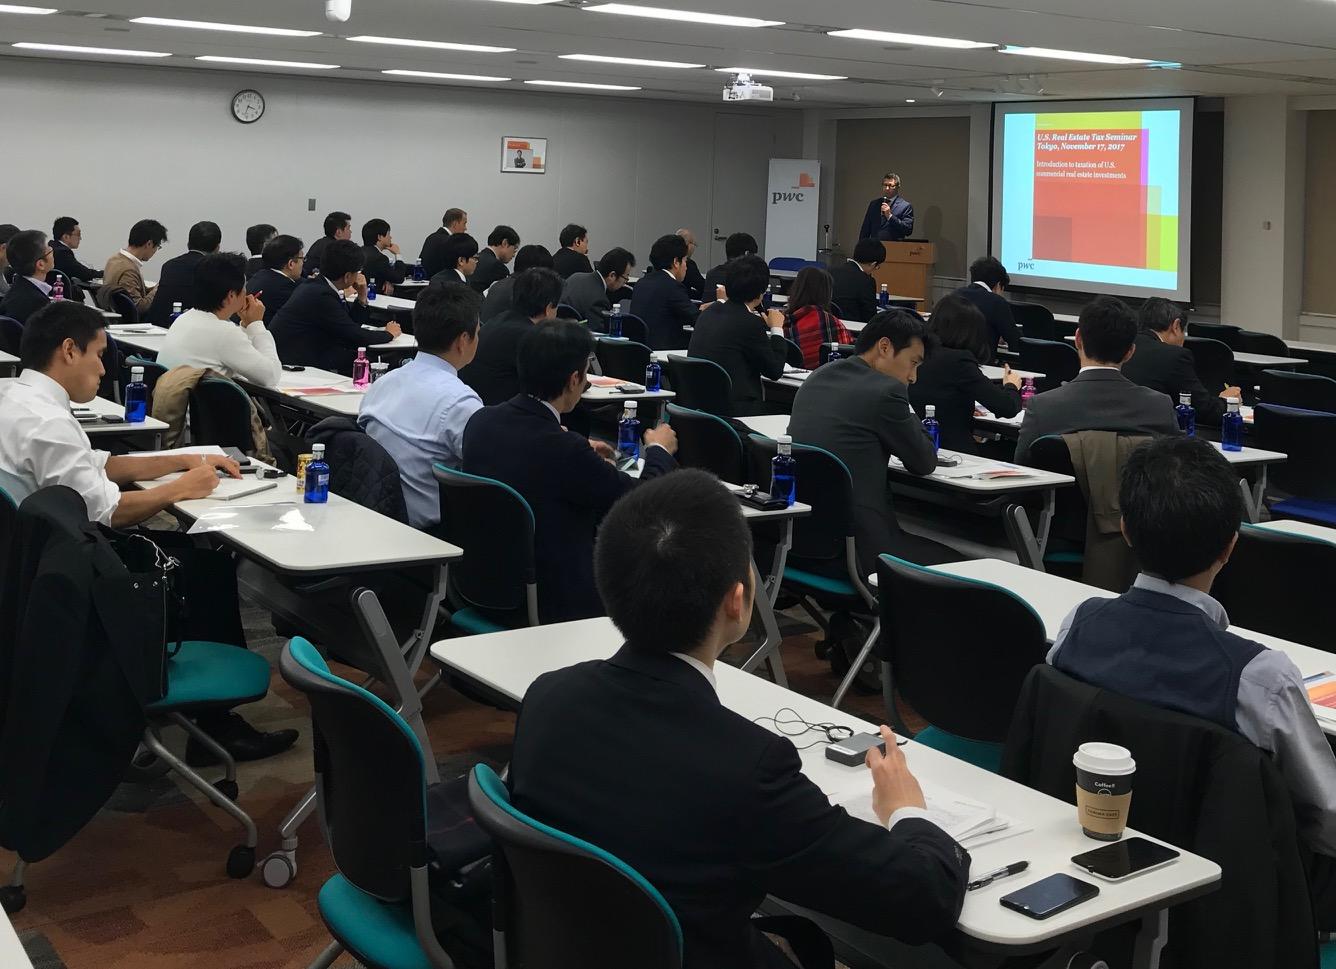 US seminar Asterisk 20171117